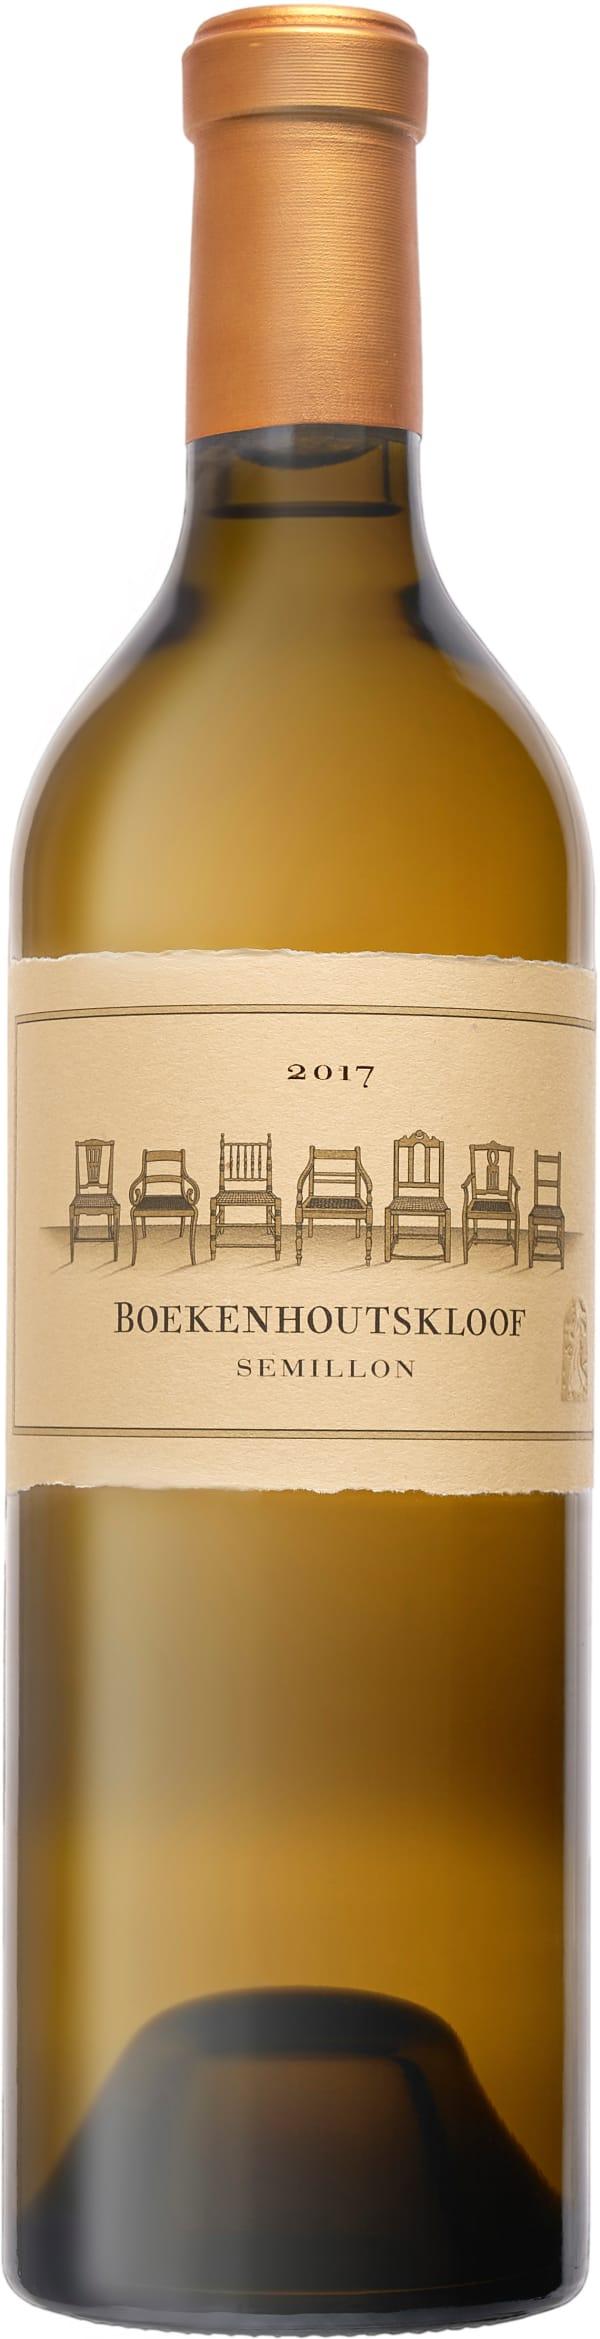 Boekenhoutskloof Semillon 2017